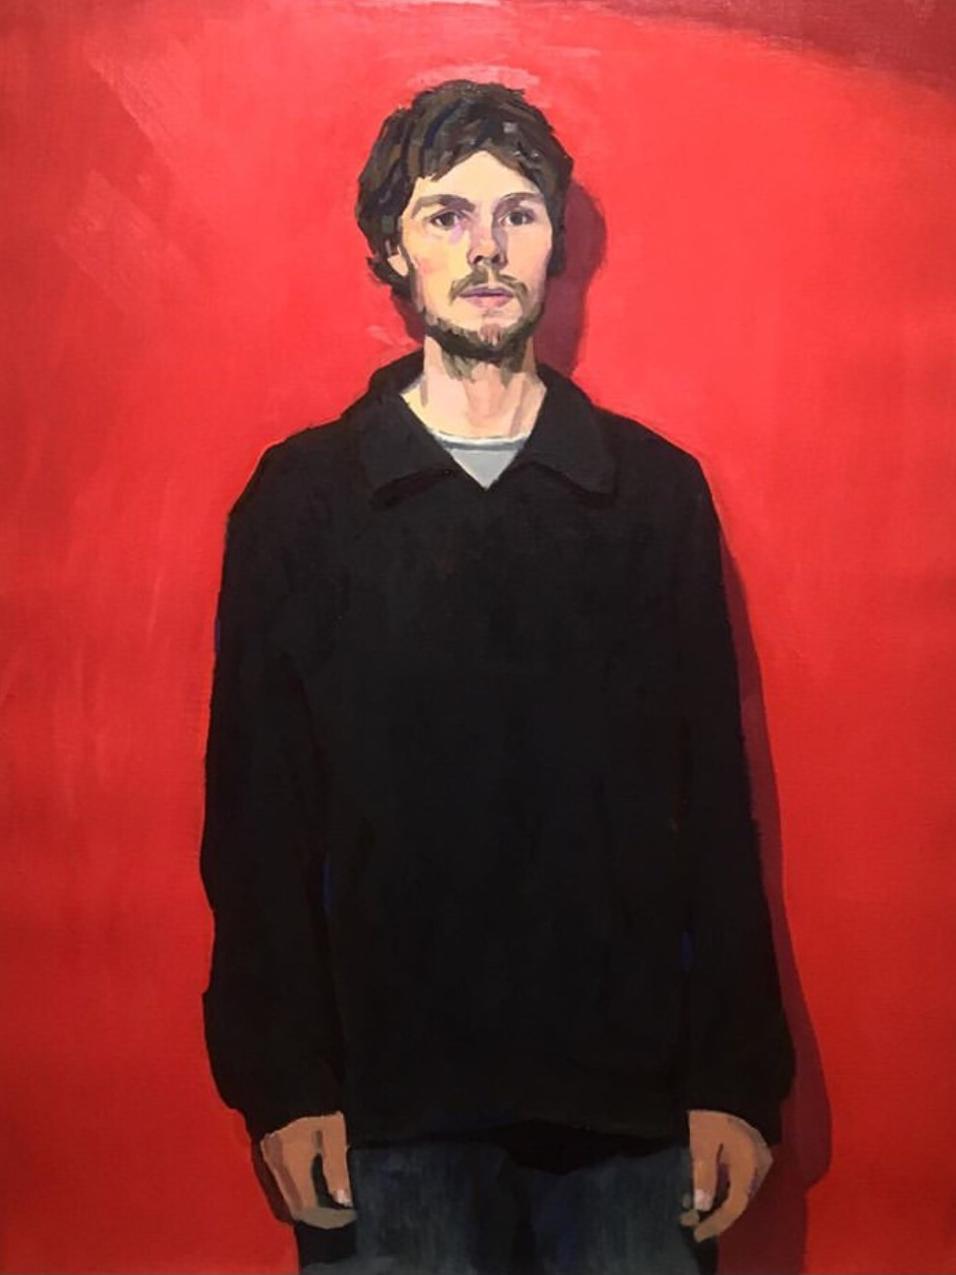 tyler-arnold-self-portrait-in-black-jacket-oil-on-linen-norma-bull-winner-2019